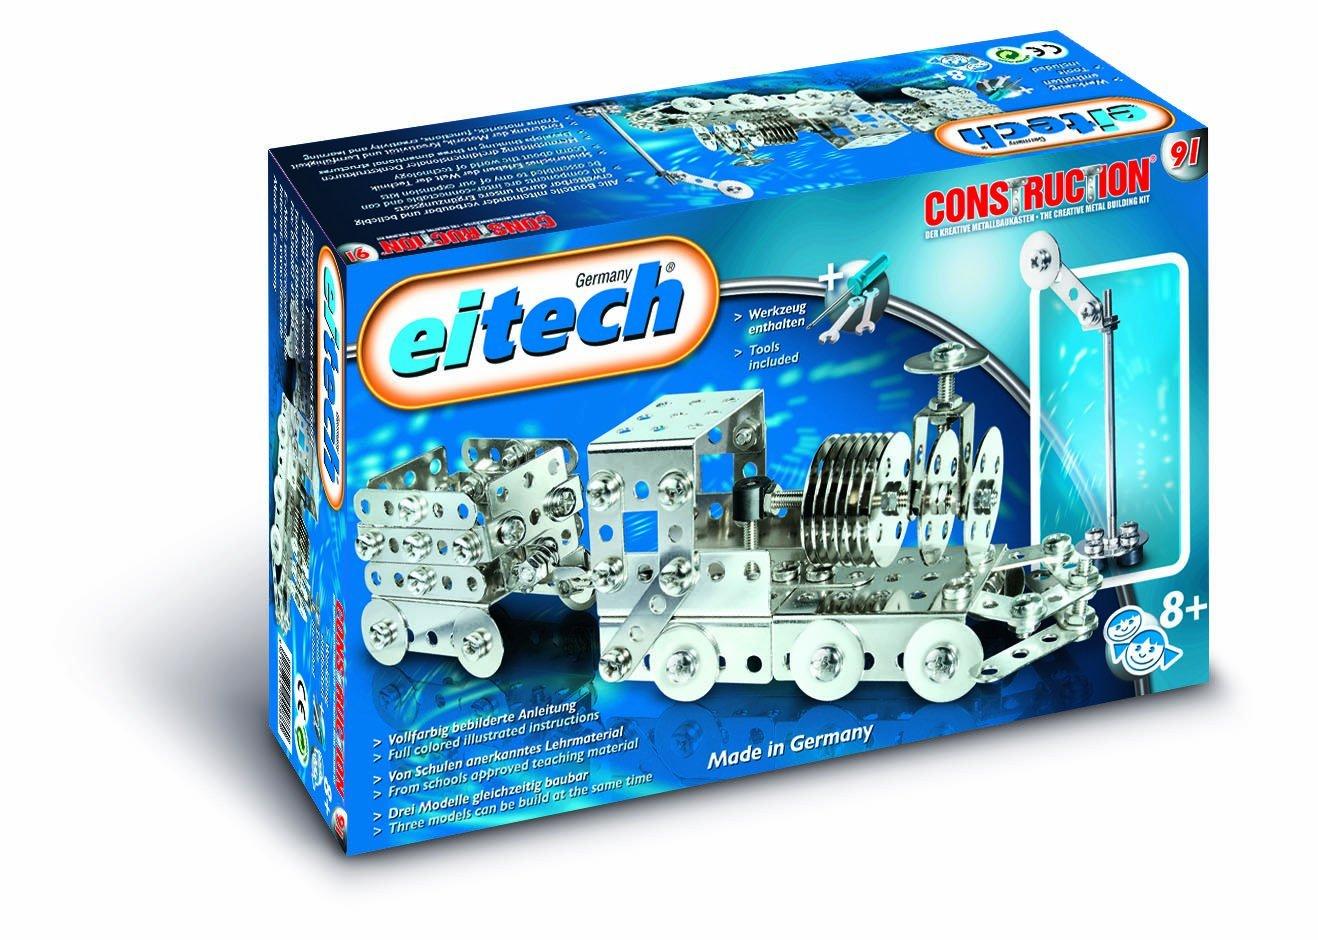 Metalinis konstruktorius EITECH Train vaikams nuo 6 metų (C91)